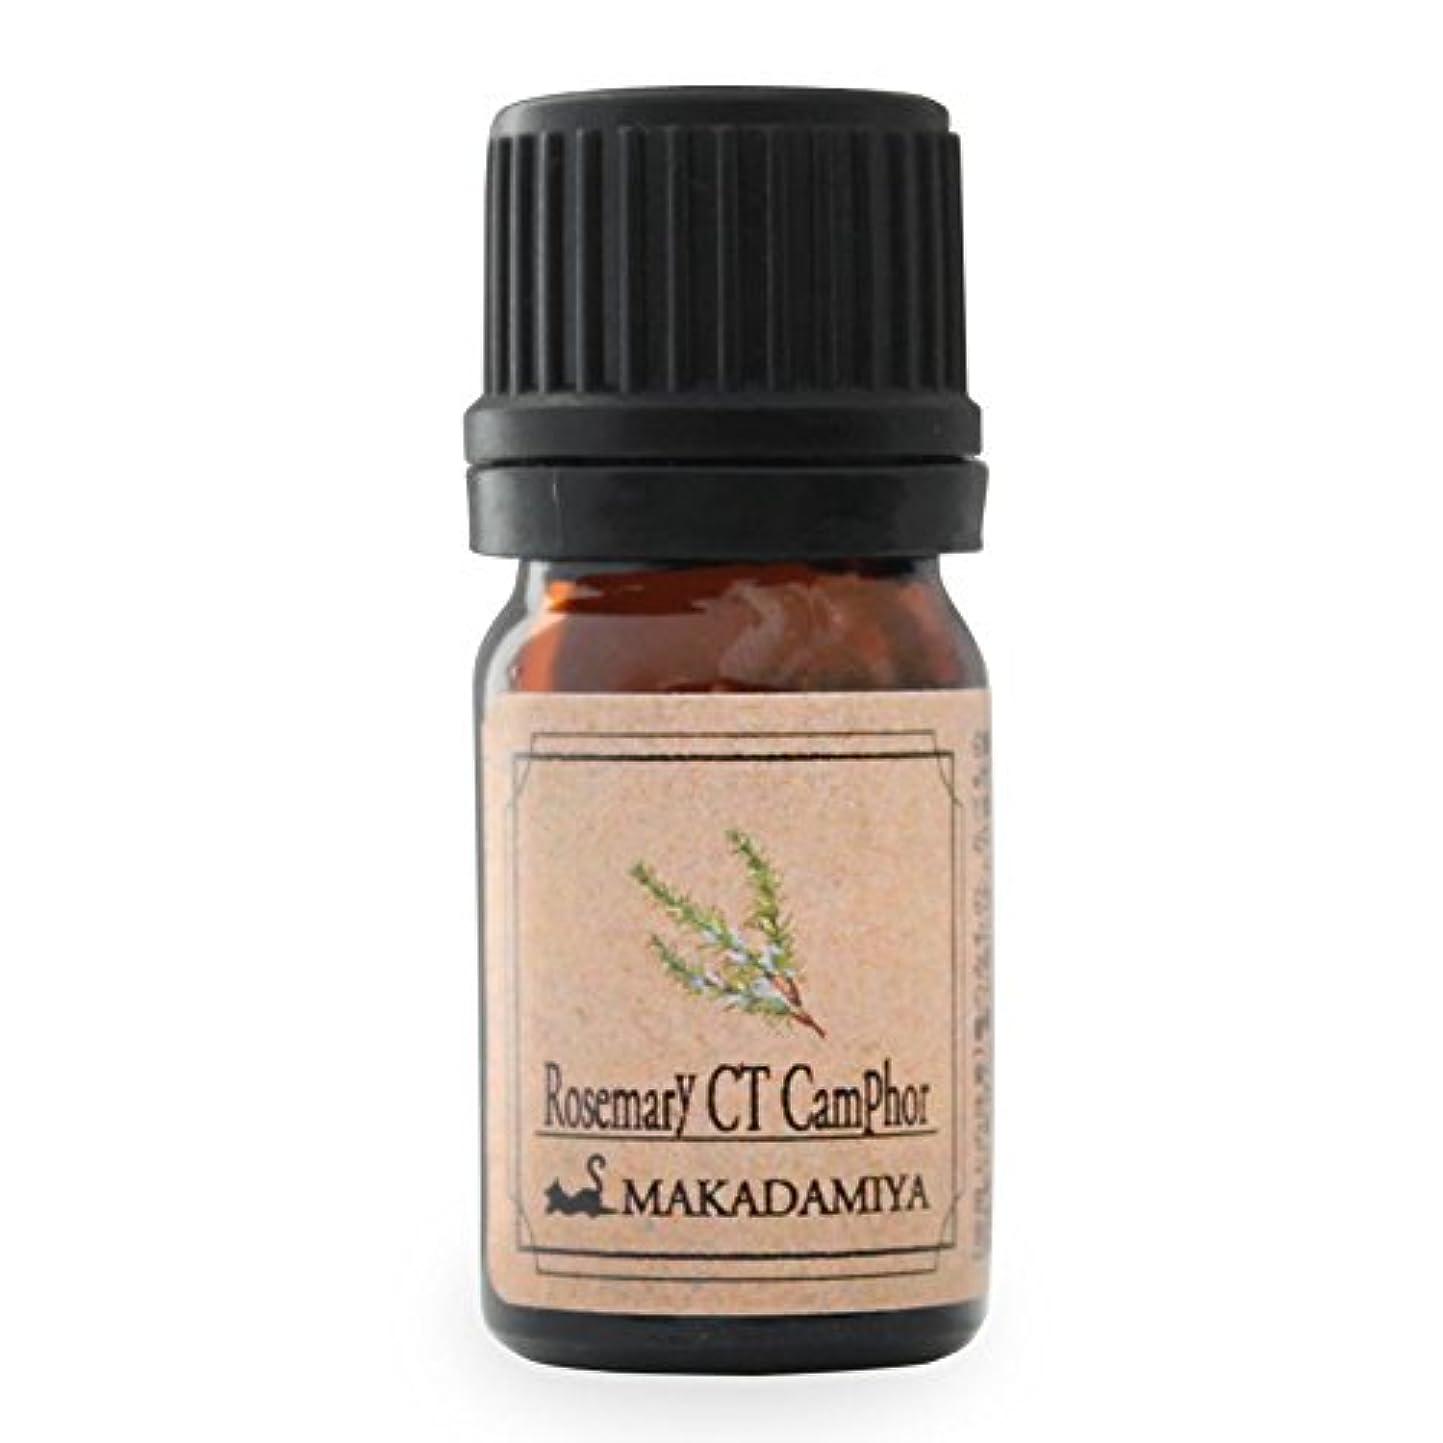 スタジアム次行うローズマリーCTカンファー5ml 天然100%植物性 エッセンシャルオイル(精油) アロマオイル アロママッサージ aroma Rosemary